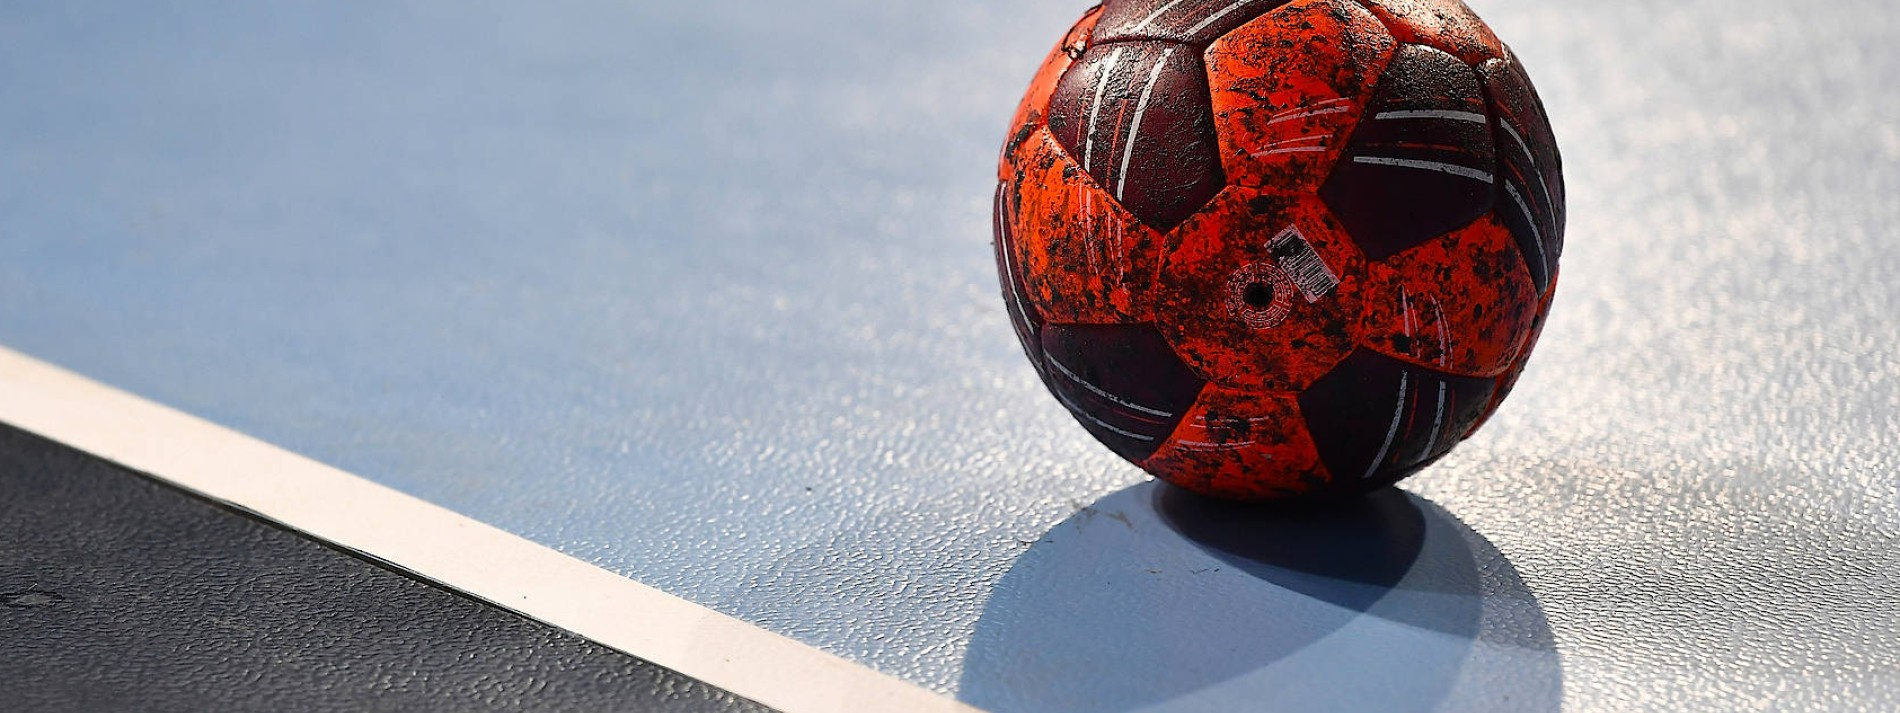 spielplan der handball wm 2021 in